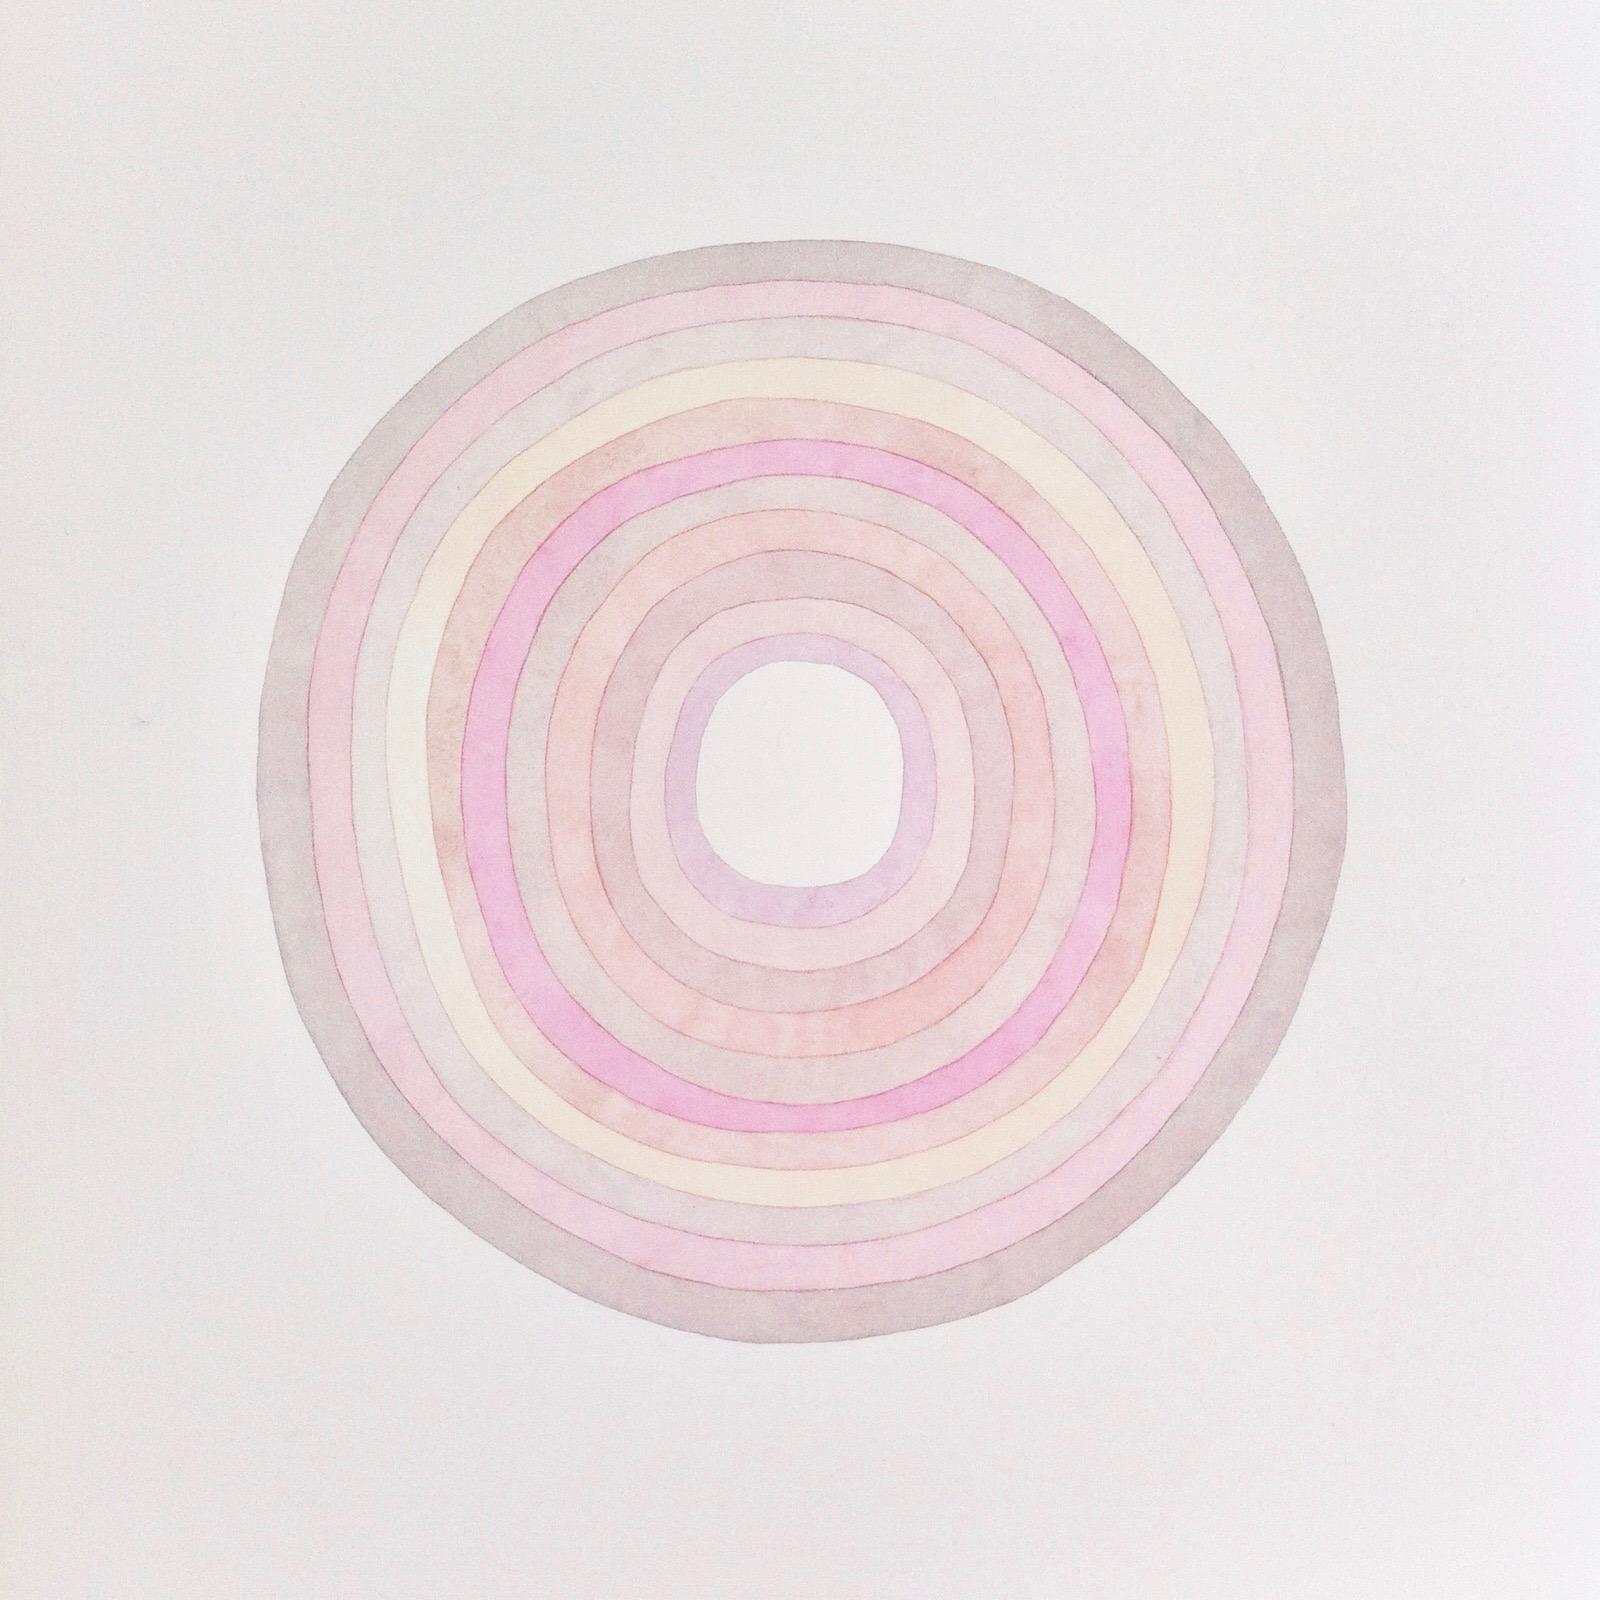 Sans titre, cercles, rose/gris